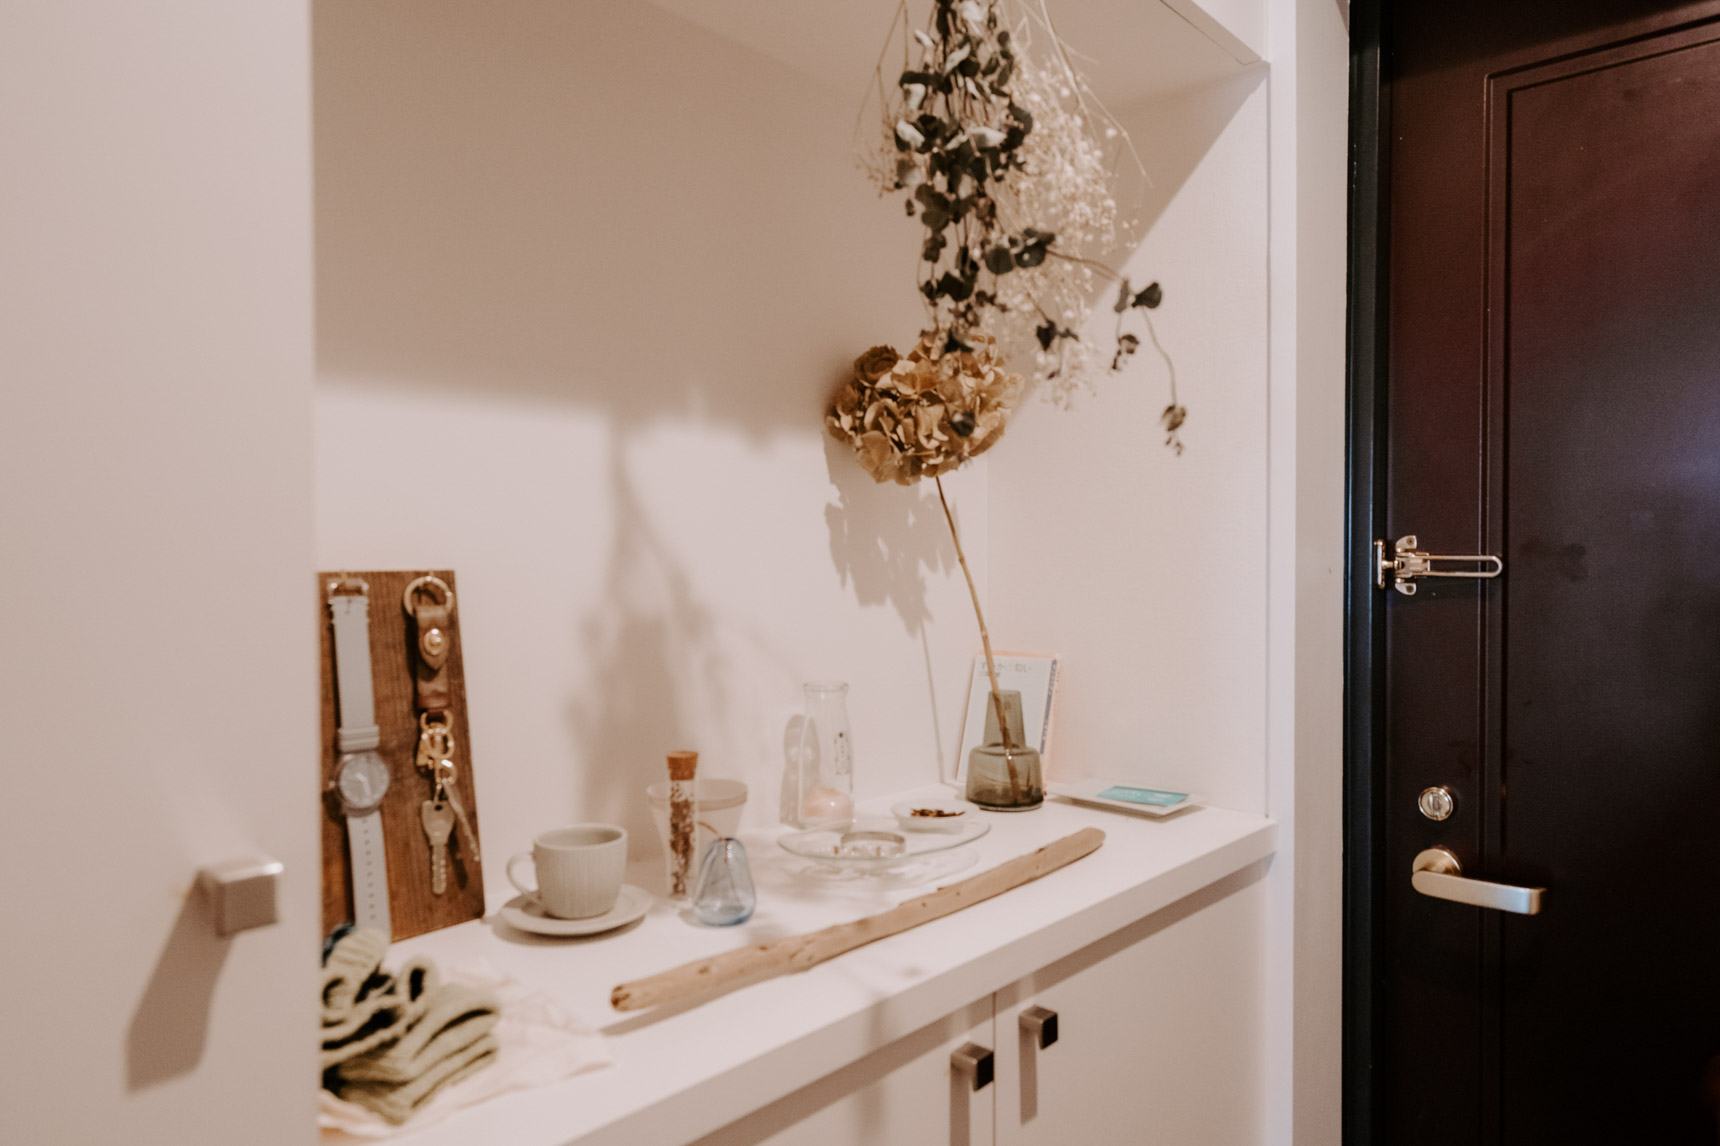 玄関を入ってすぐの場所も、可愛く飾られています。